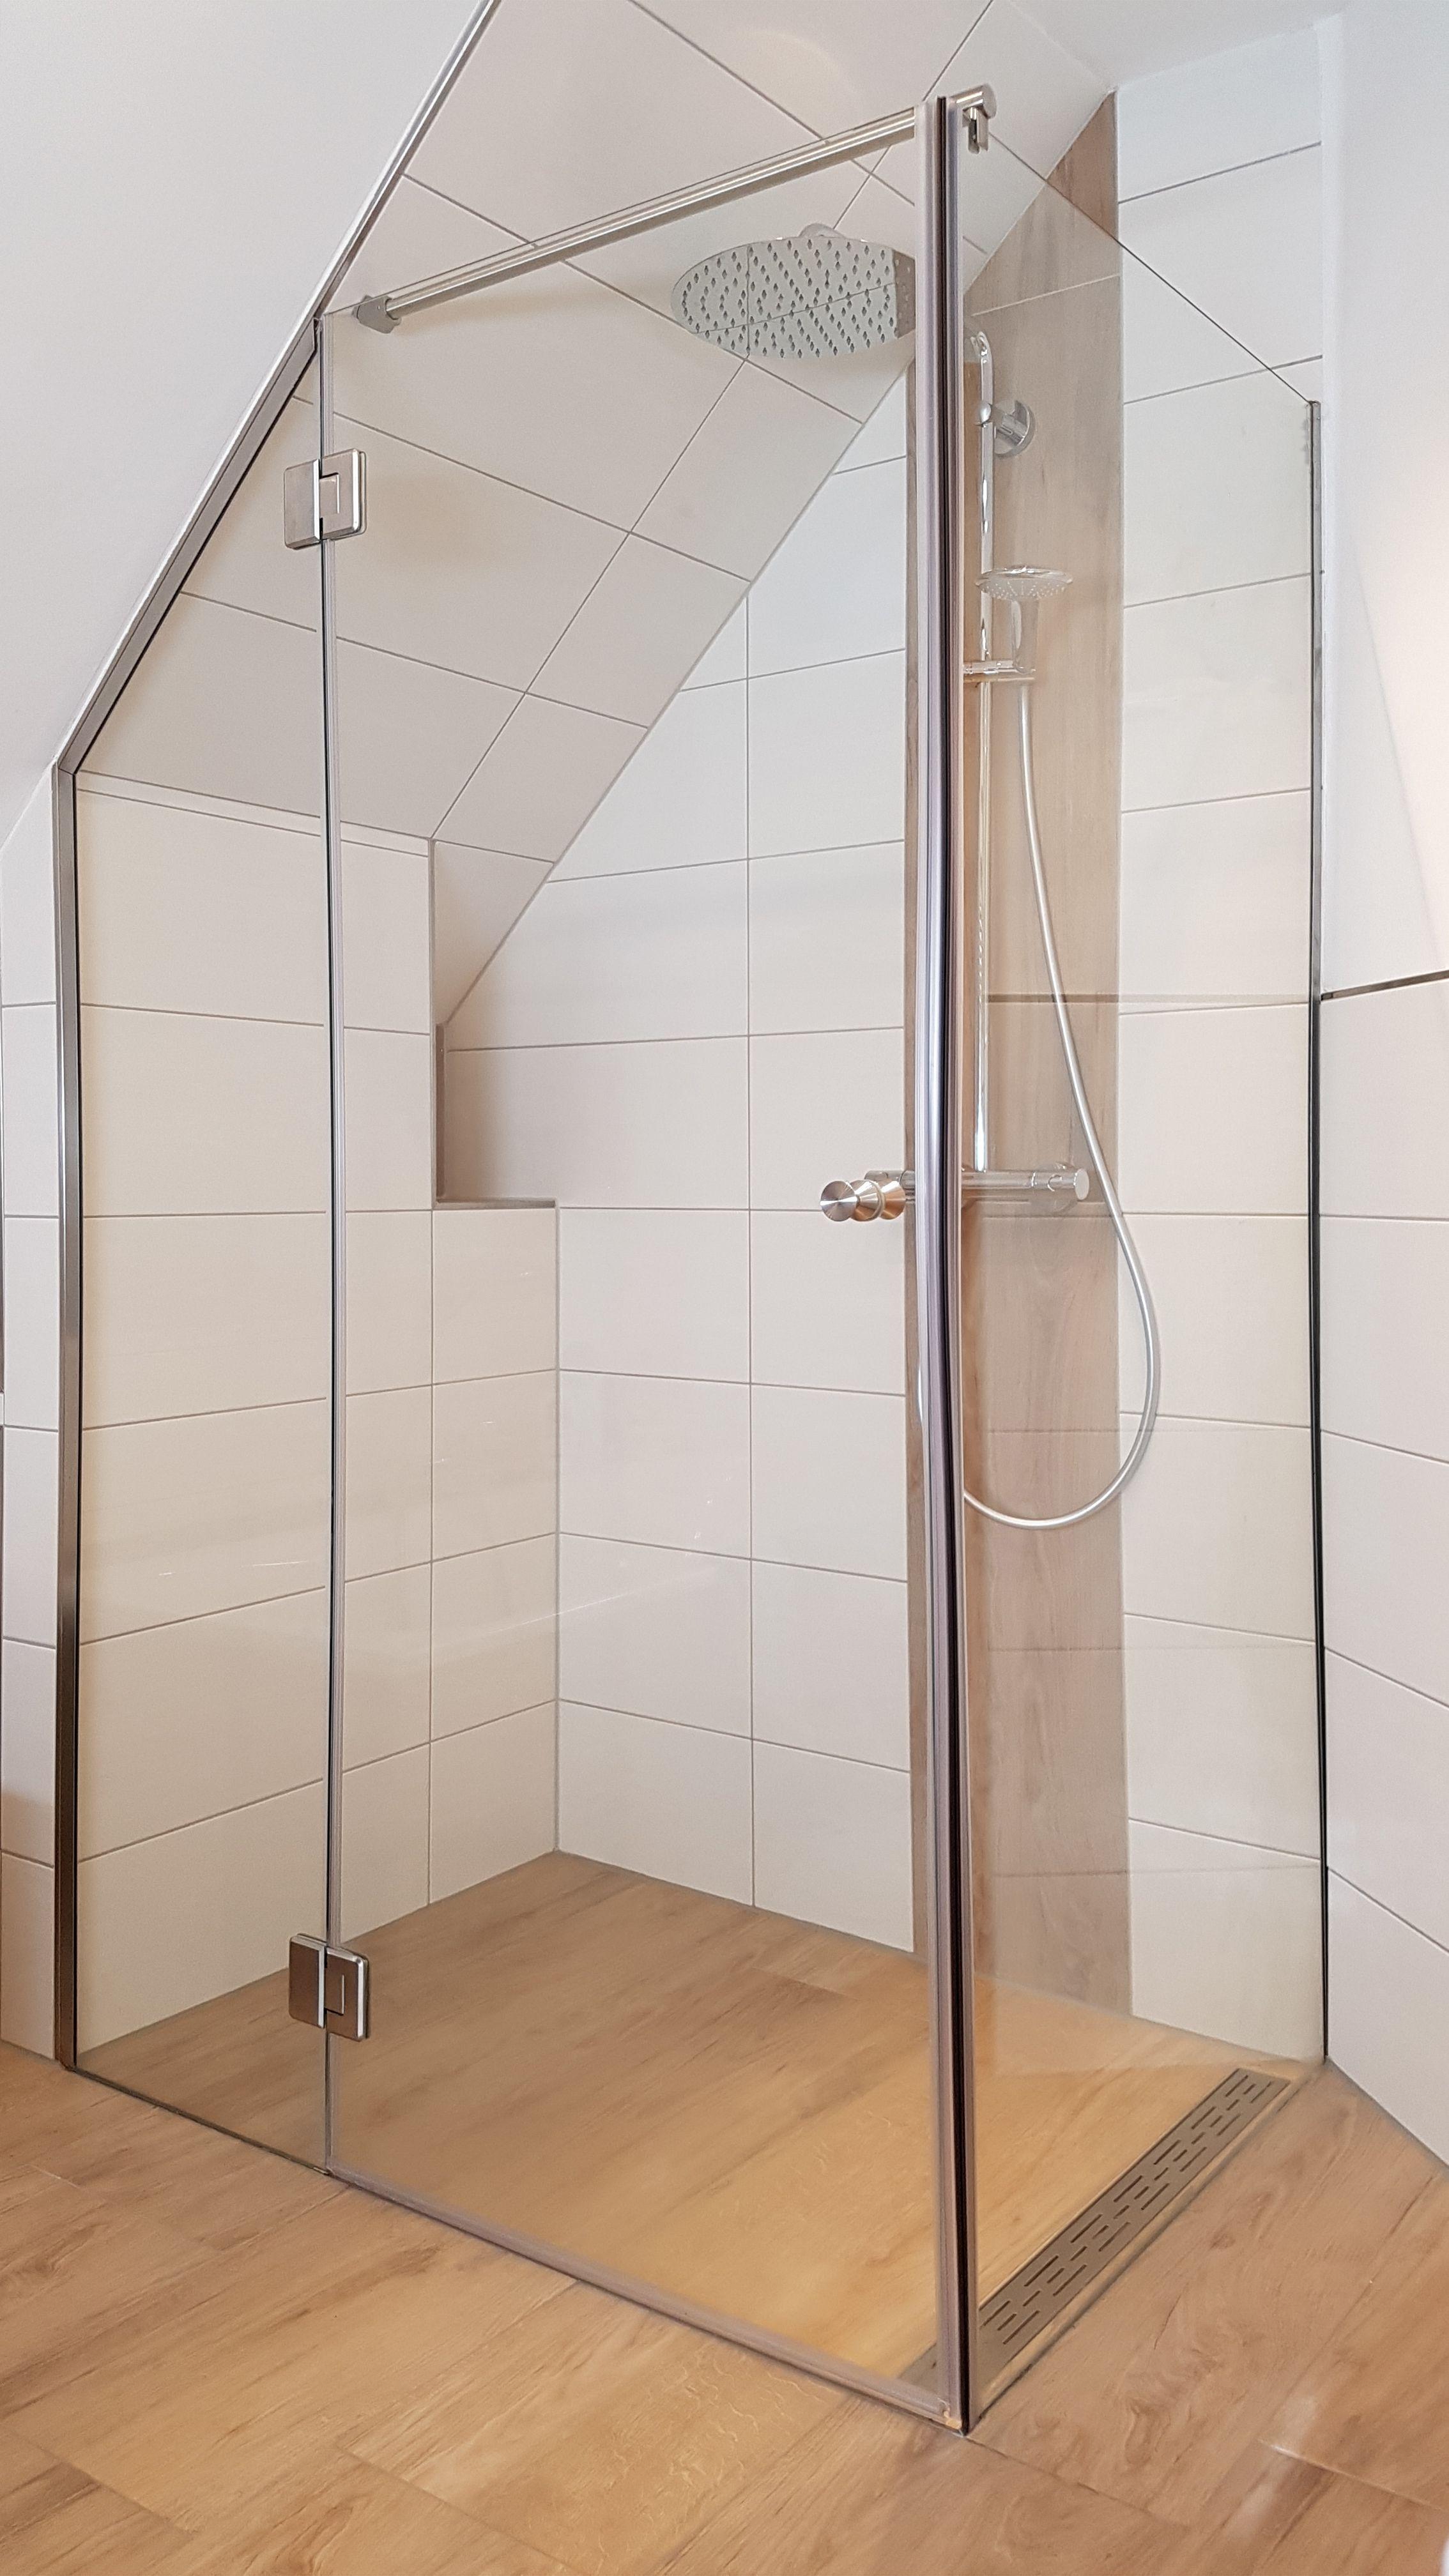 dreiteilige eckdusche mit schr gem festteil f r eine dachschr ge duschen aus glas pinterest. Black Bedroom Furniture Sets. Home Design Ideas